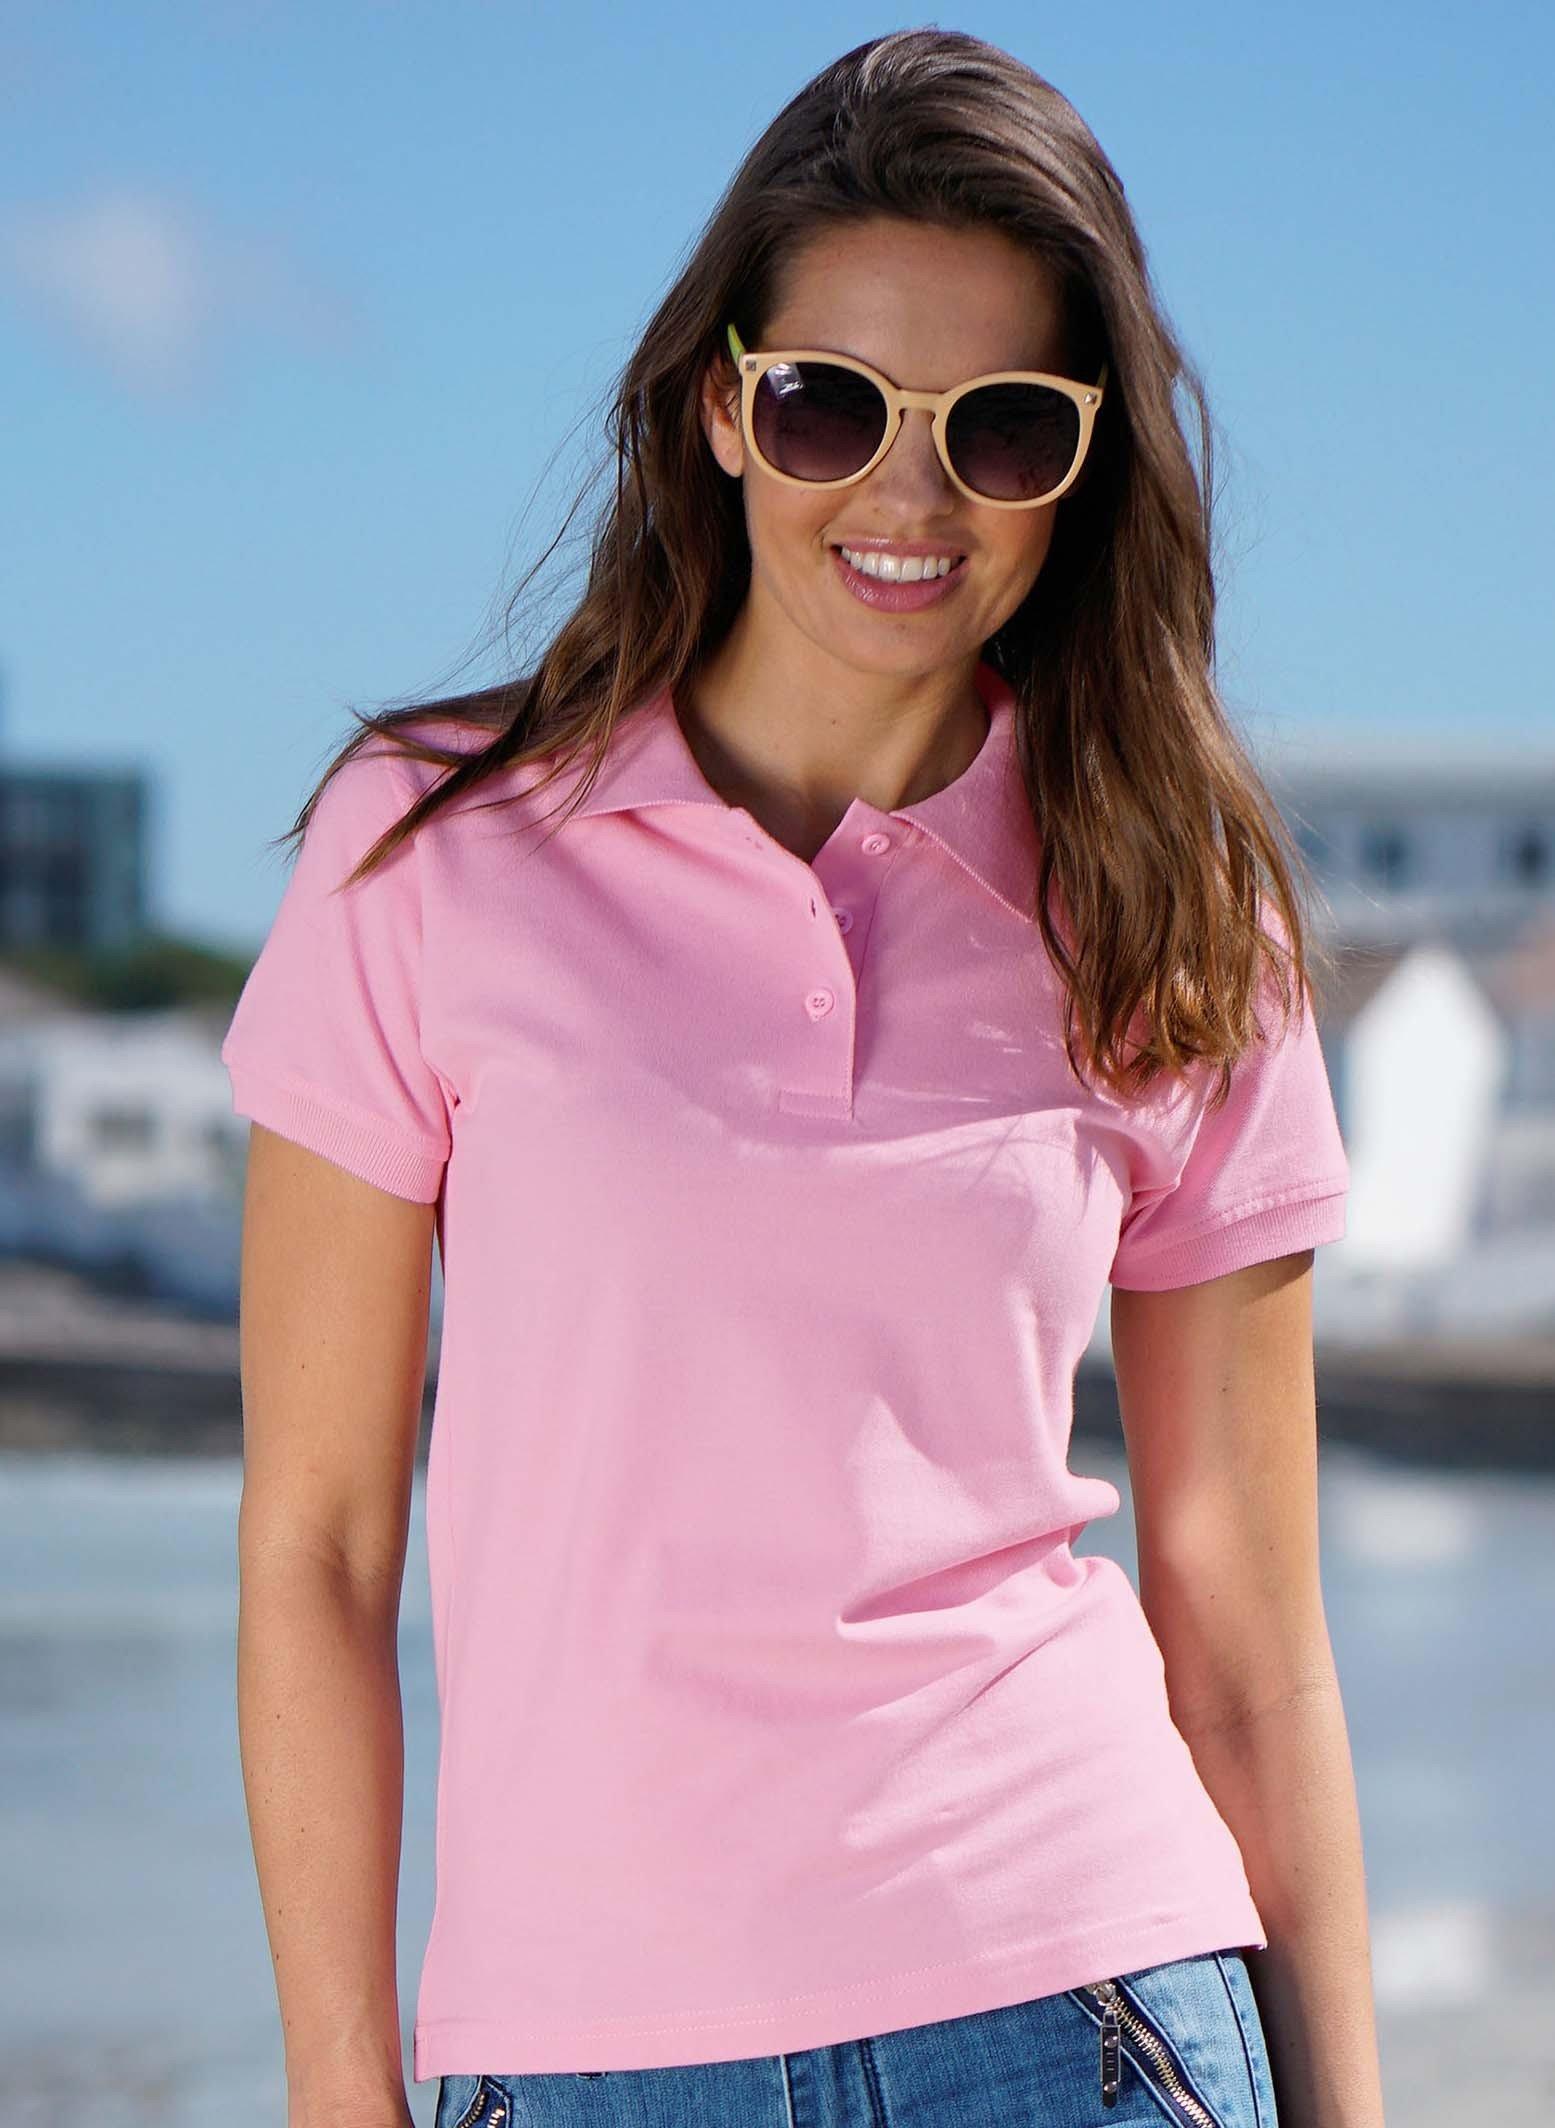 Piqué-Polo-Shirt, kleine Knopfleiste